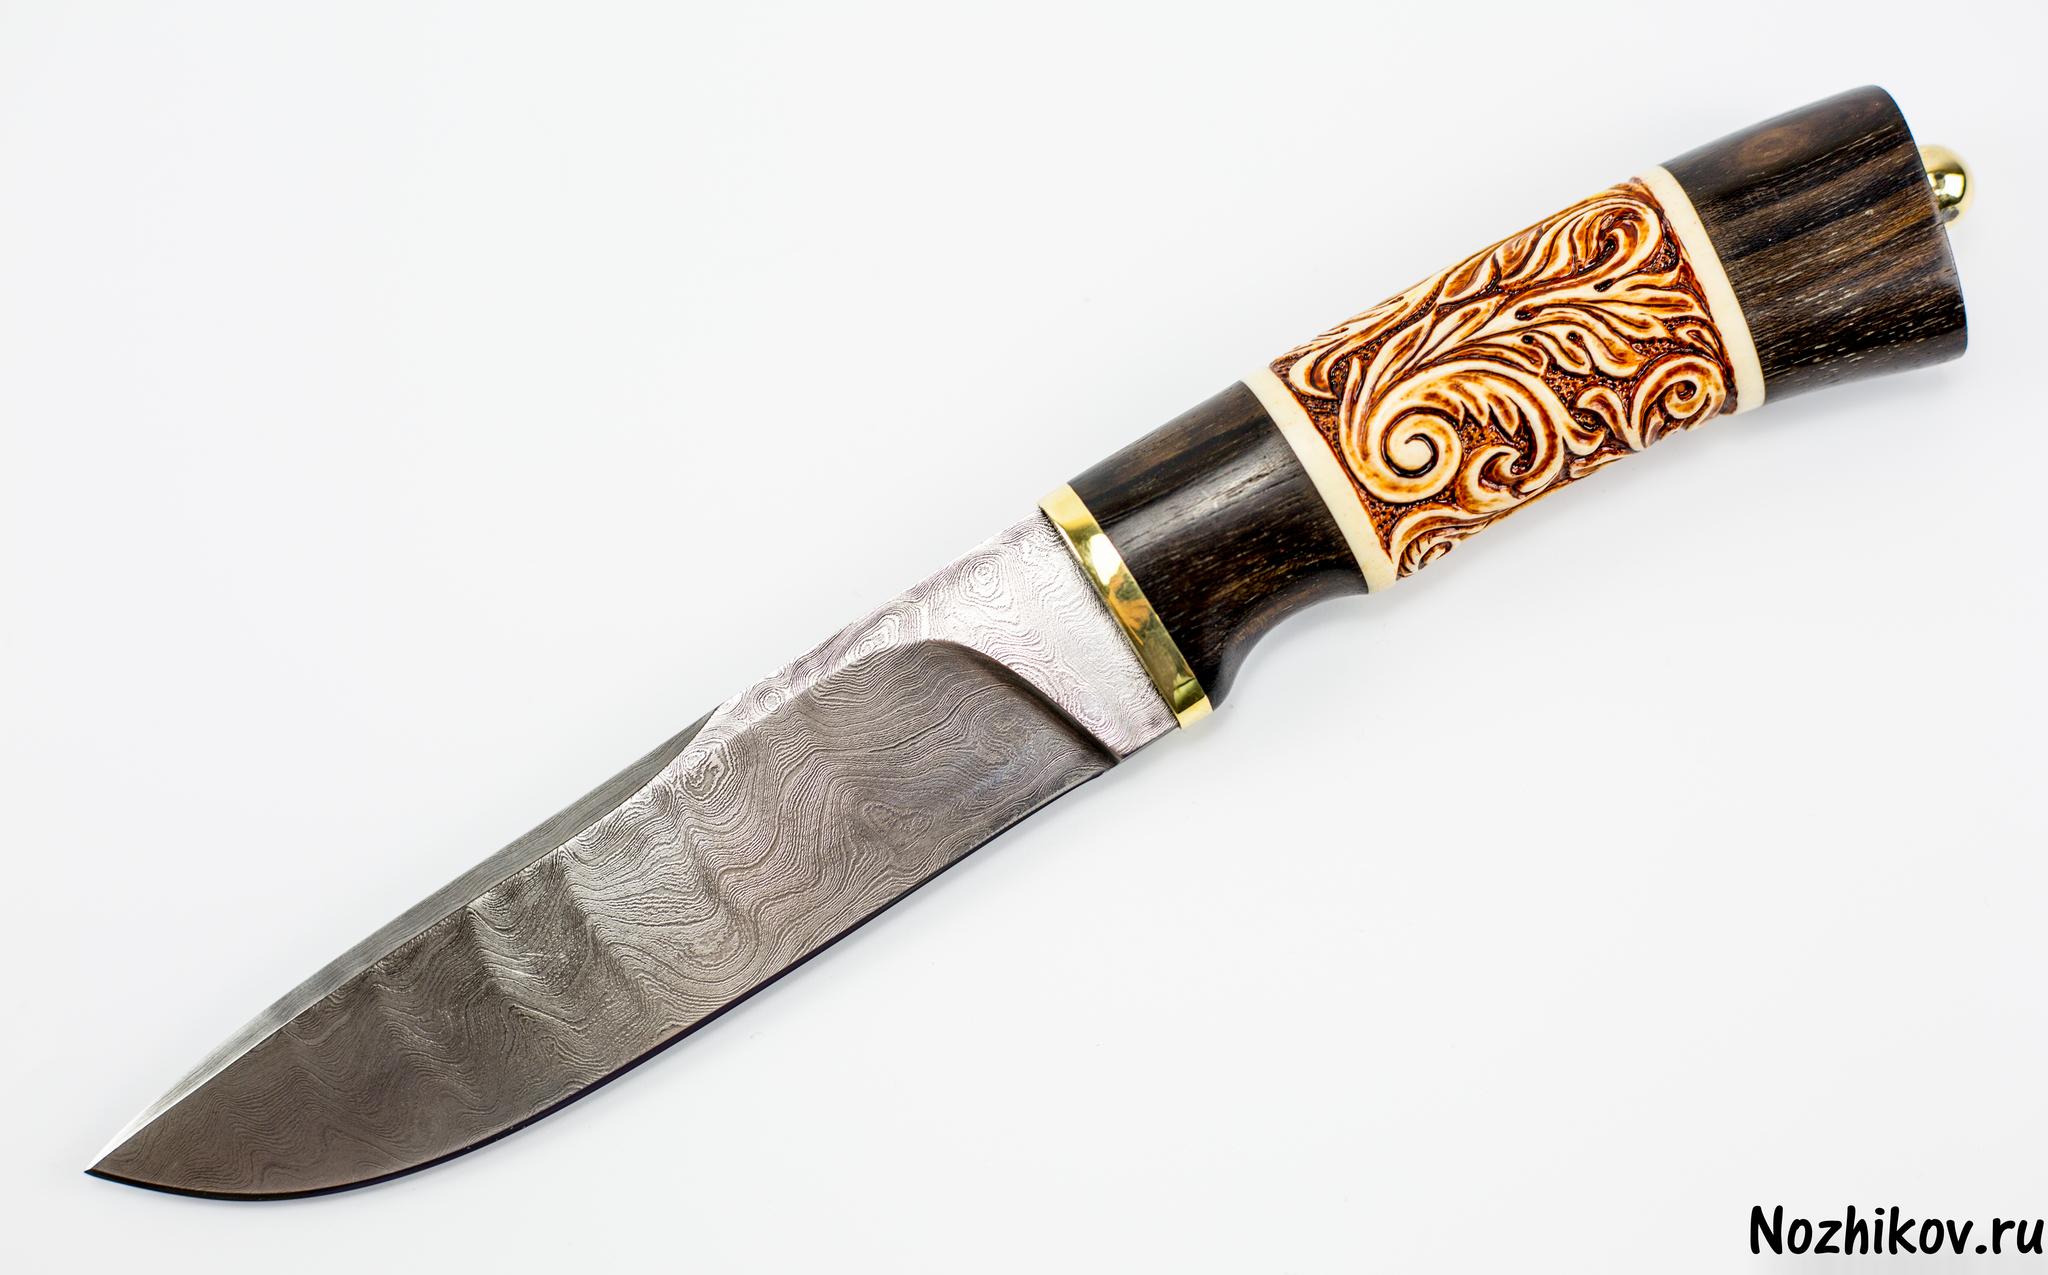 Авторский Нож из Дамаска №6, КизлярНожи Кизляр<br><br>